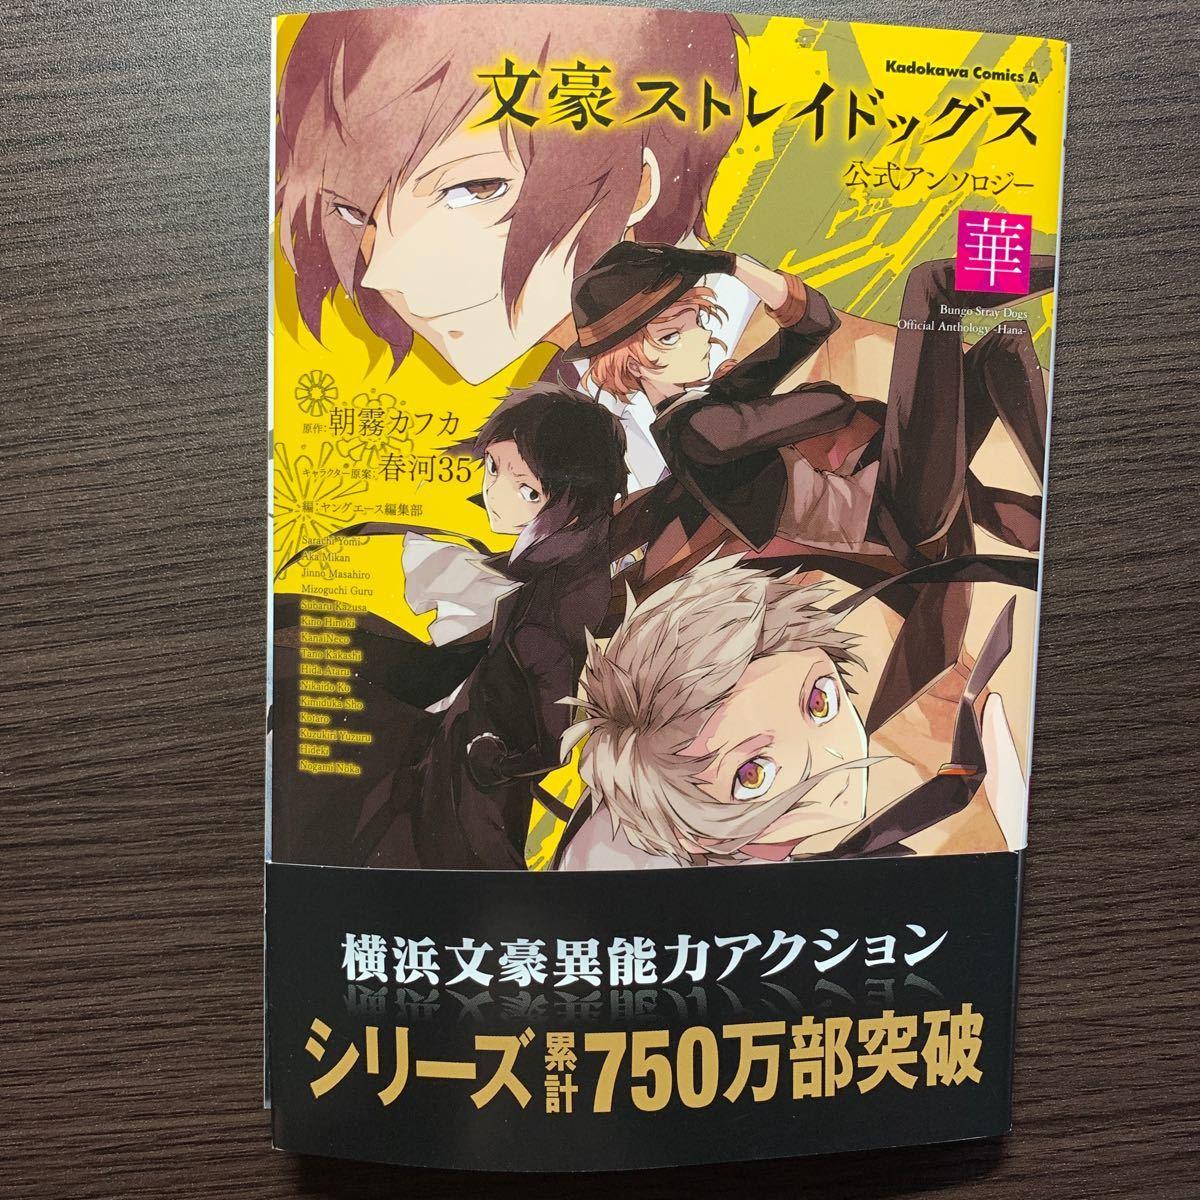 文豪ストレイドッグス公式アンソロジー凛 /華(角川コミックス・エース)